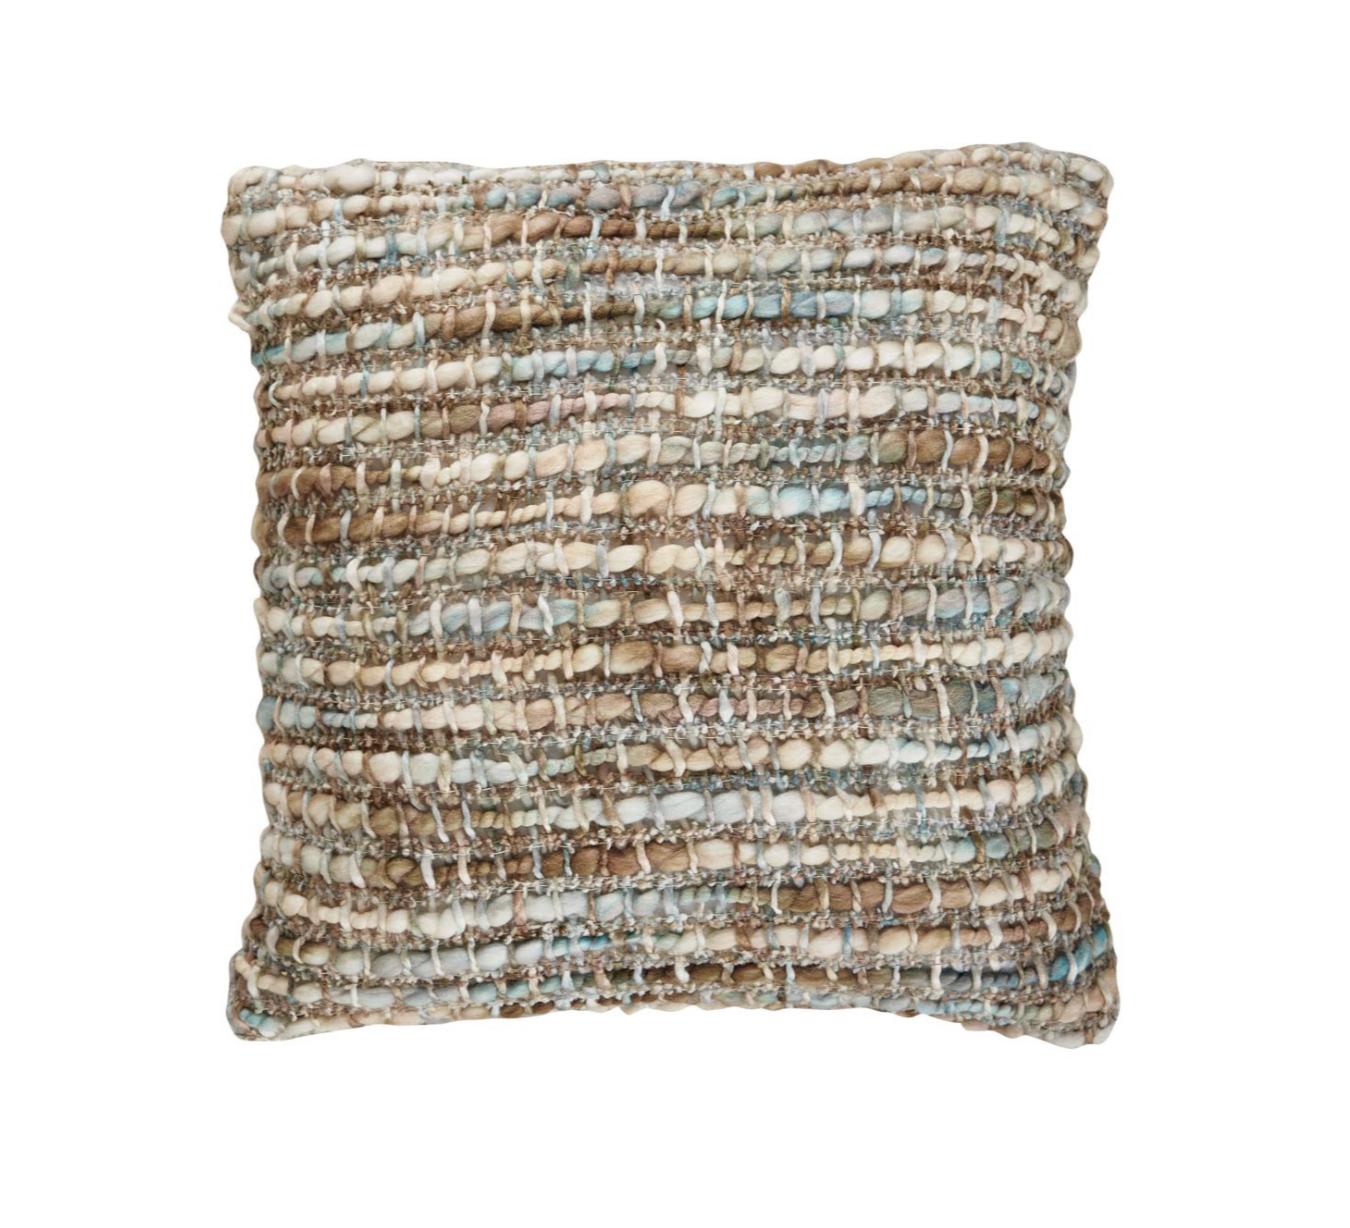 Chunny Pillow  - Mist 18x18